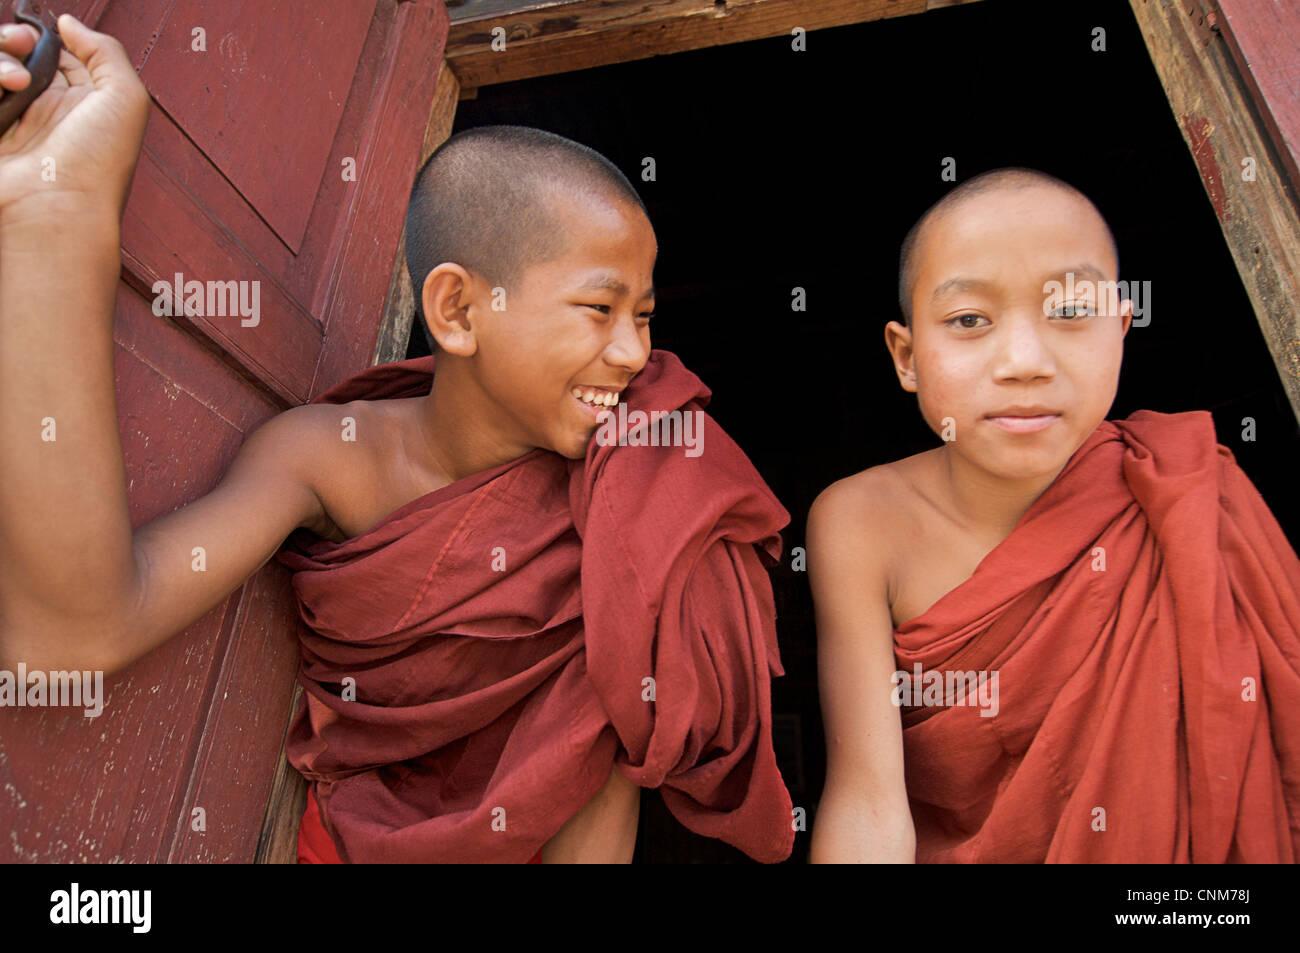 Los monjes budistas en la ventanilla de trimestres, Kalaw Monasterio, Birmania Imagen De Stock